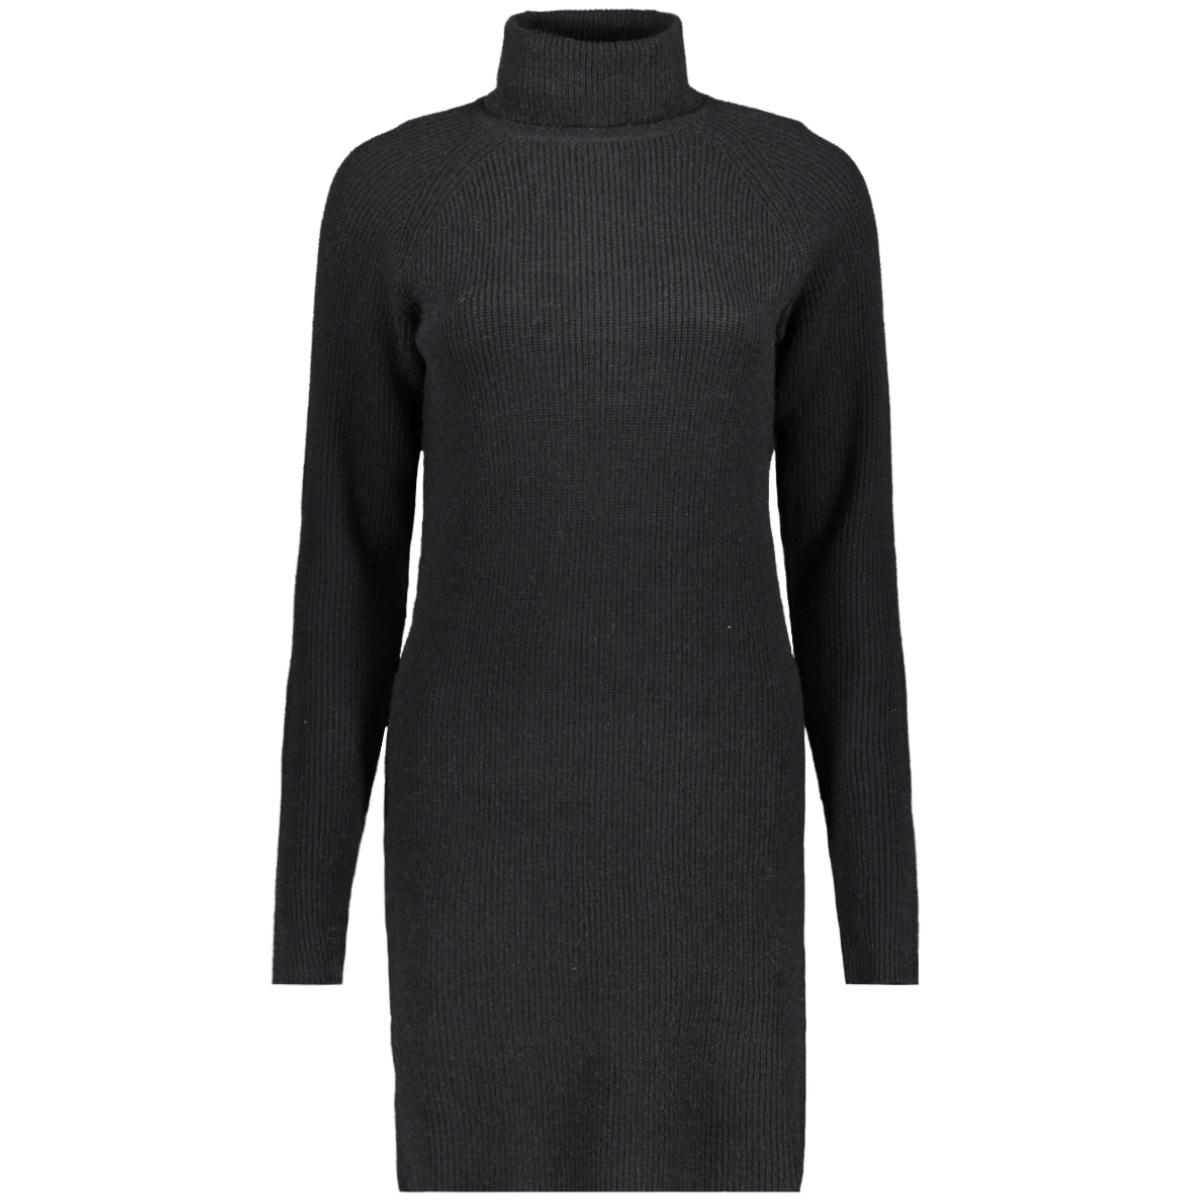 viril knit rollneck rib dress - fav 14049299 vila jurk black